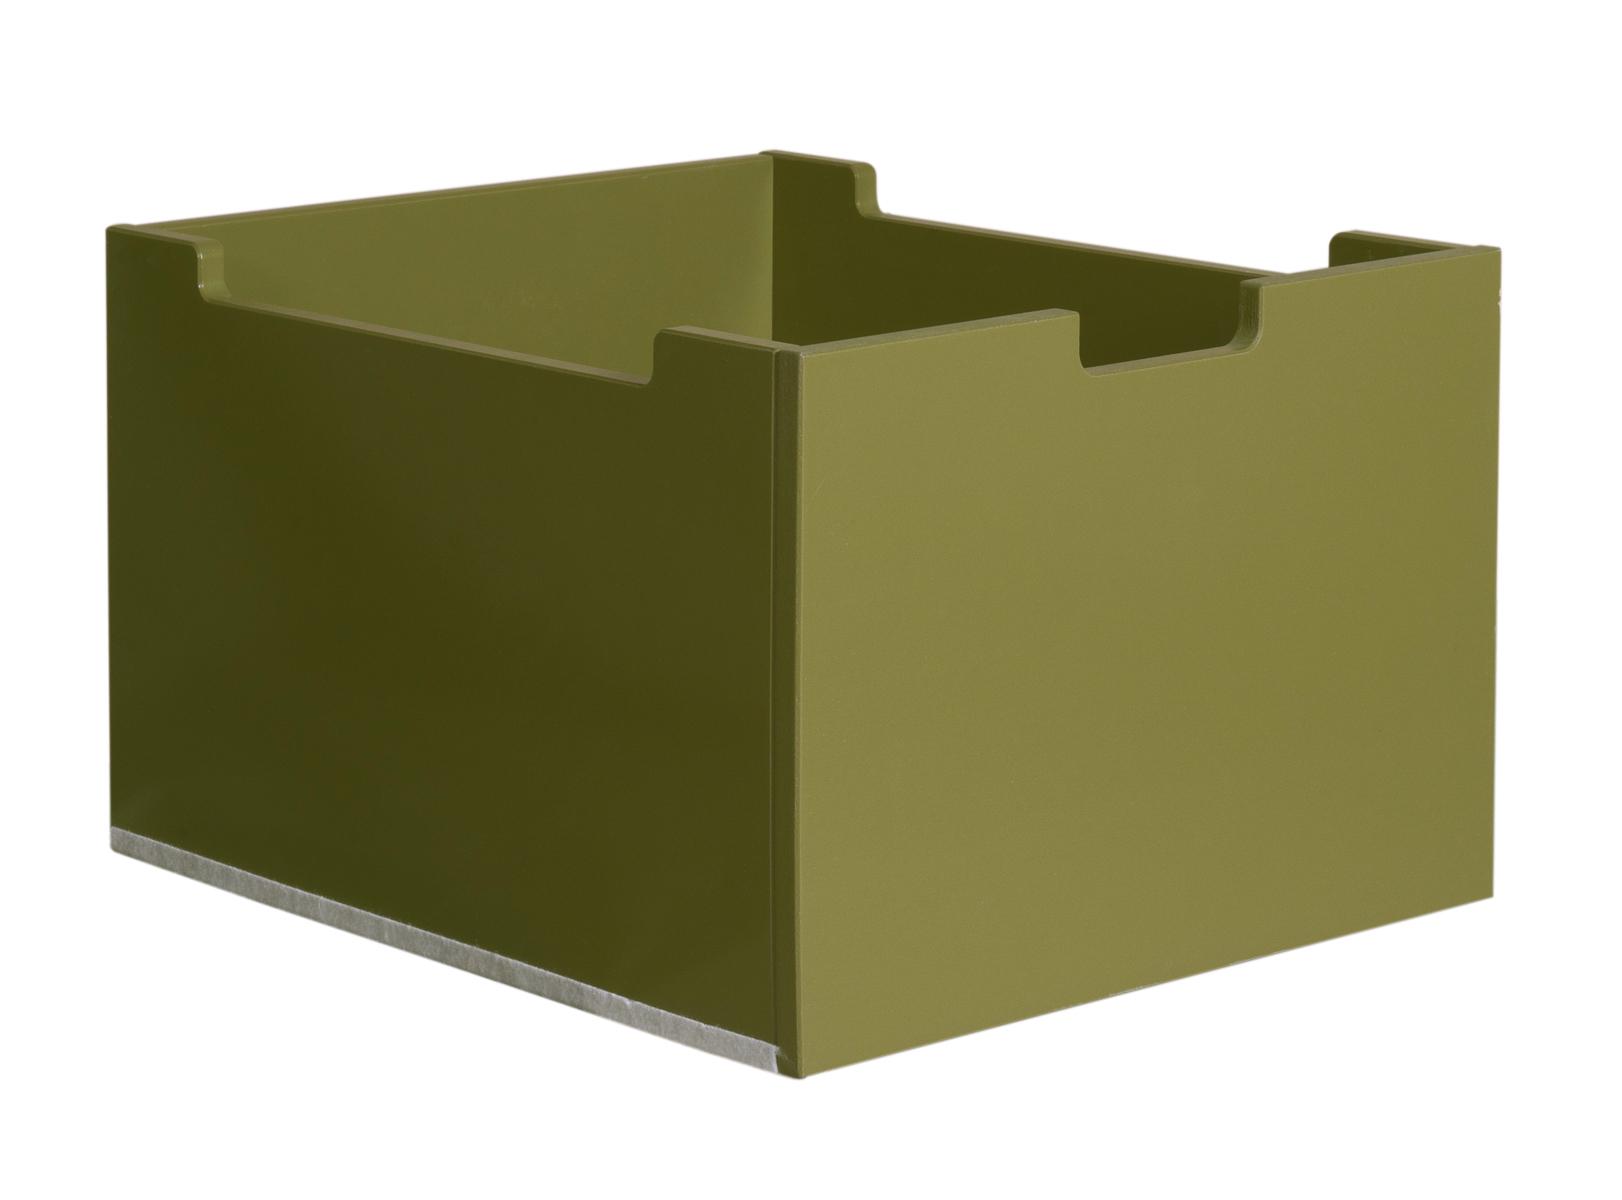 kleiner schrank auf rollen bob wei von bopita mit 3 schubk sten antonundpuenktchen. Black Bedroom Furniture Sets. Home Design Ideas